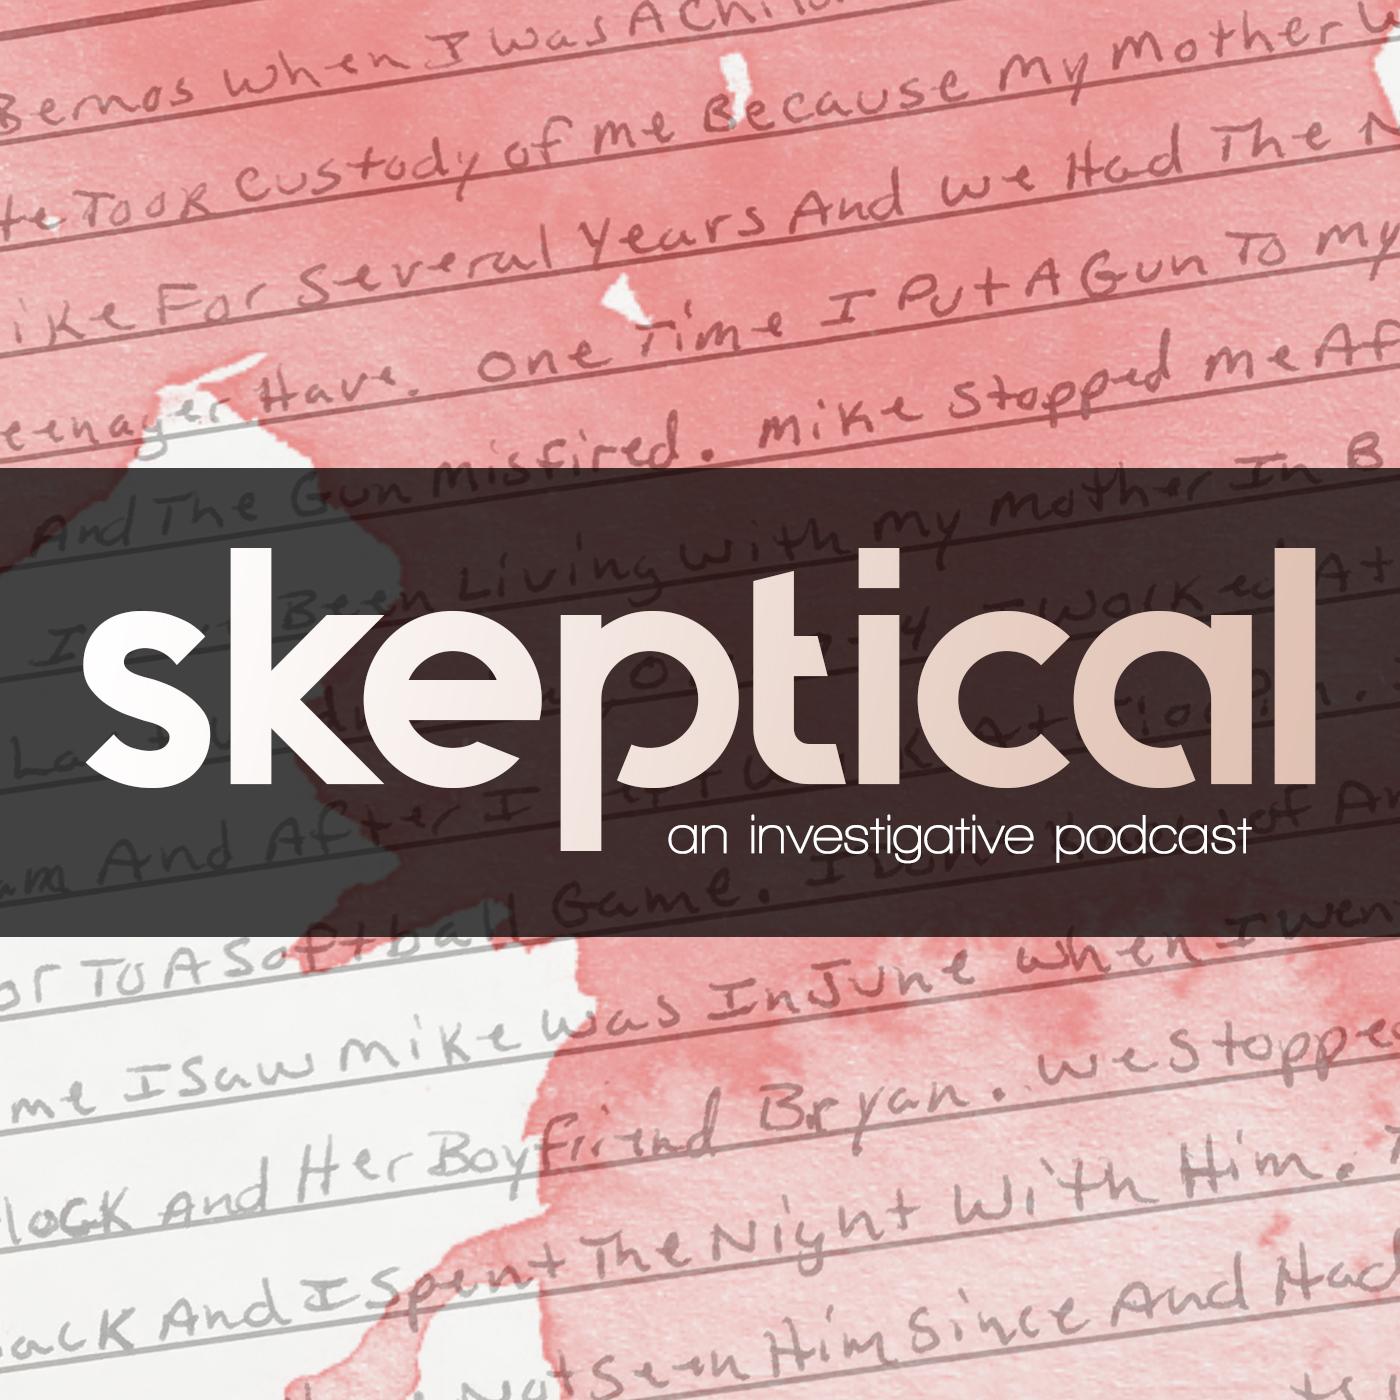 skepticalcover_4.jpg